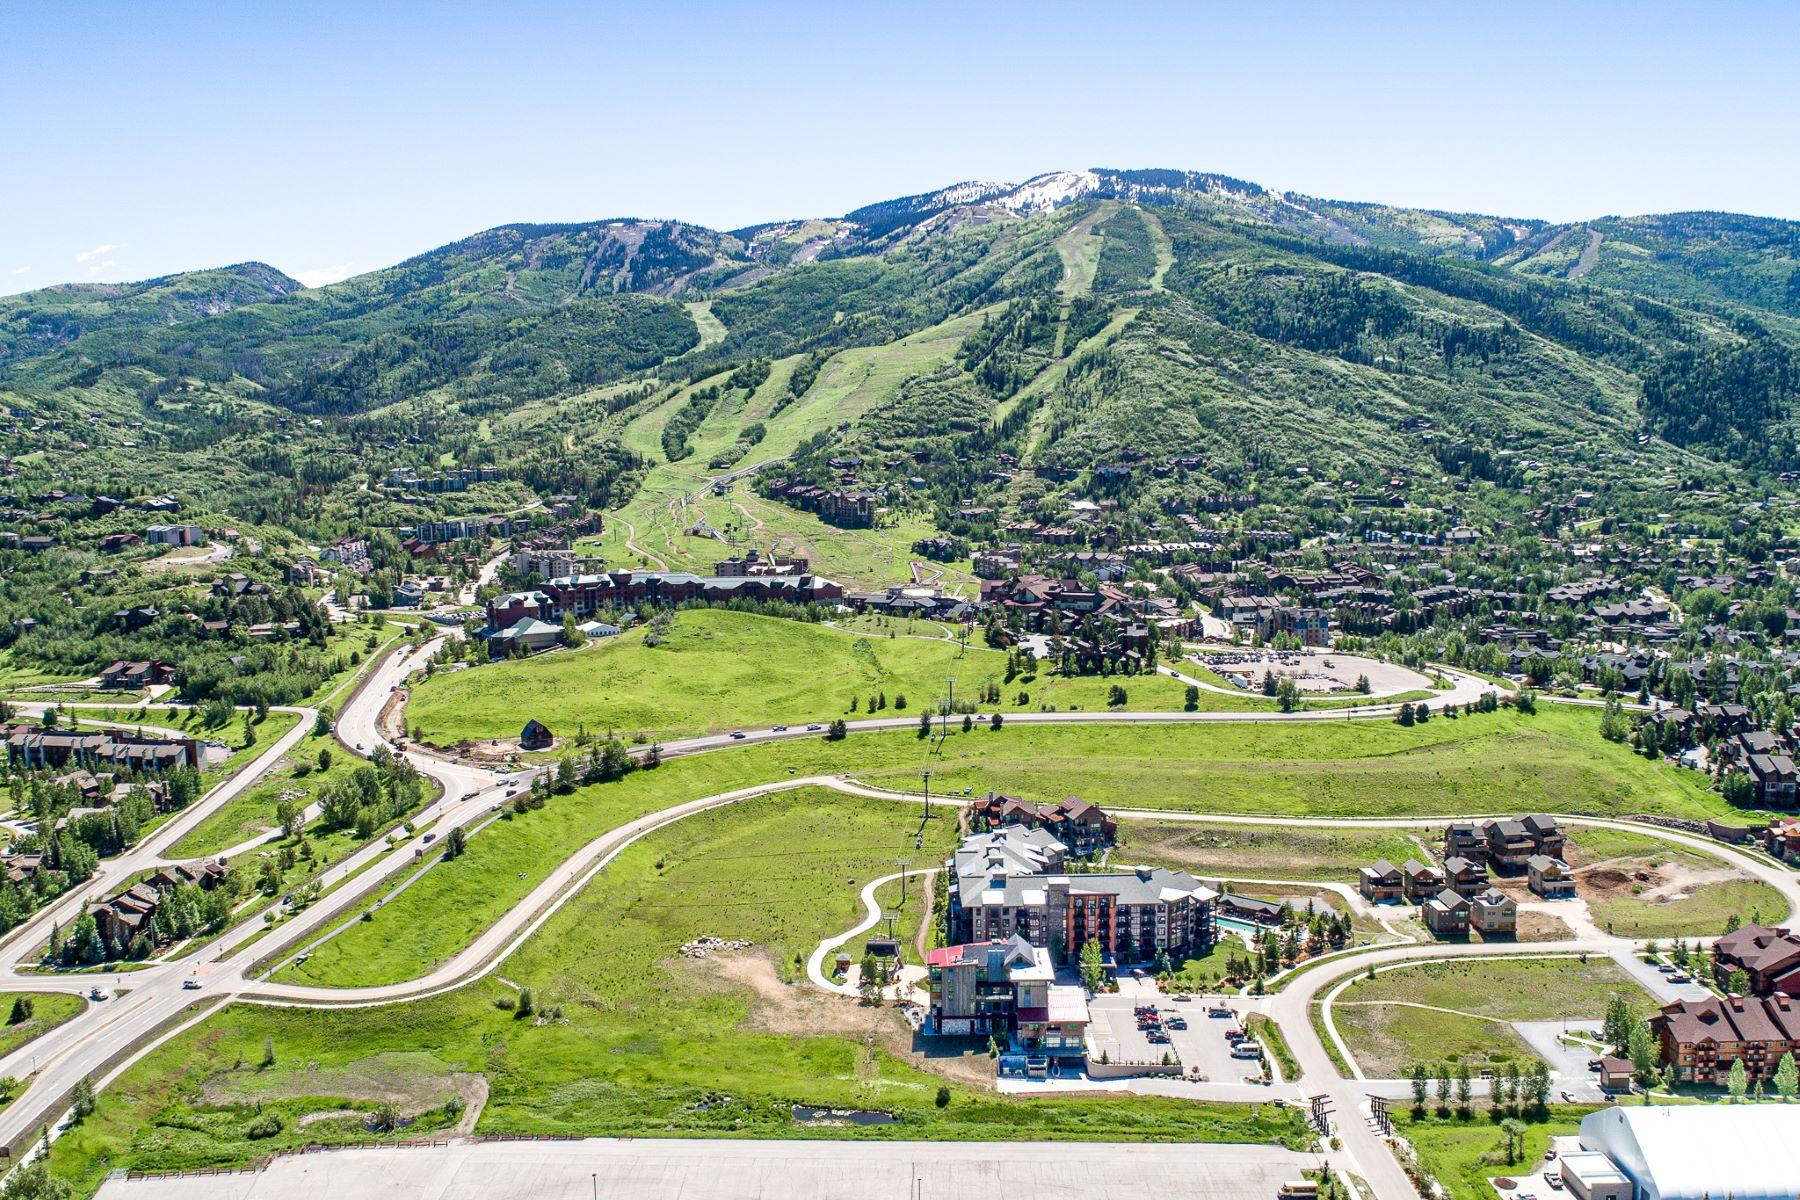 土地,用地 为 销售 在 Prime Ski Resort Development Land 1200 Mt Werner Rd 斯廷博特斯普林斯, 科罗拉多州 80487 美国